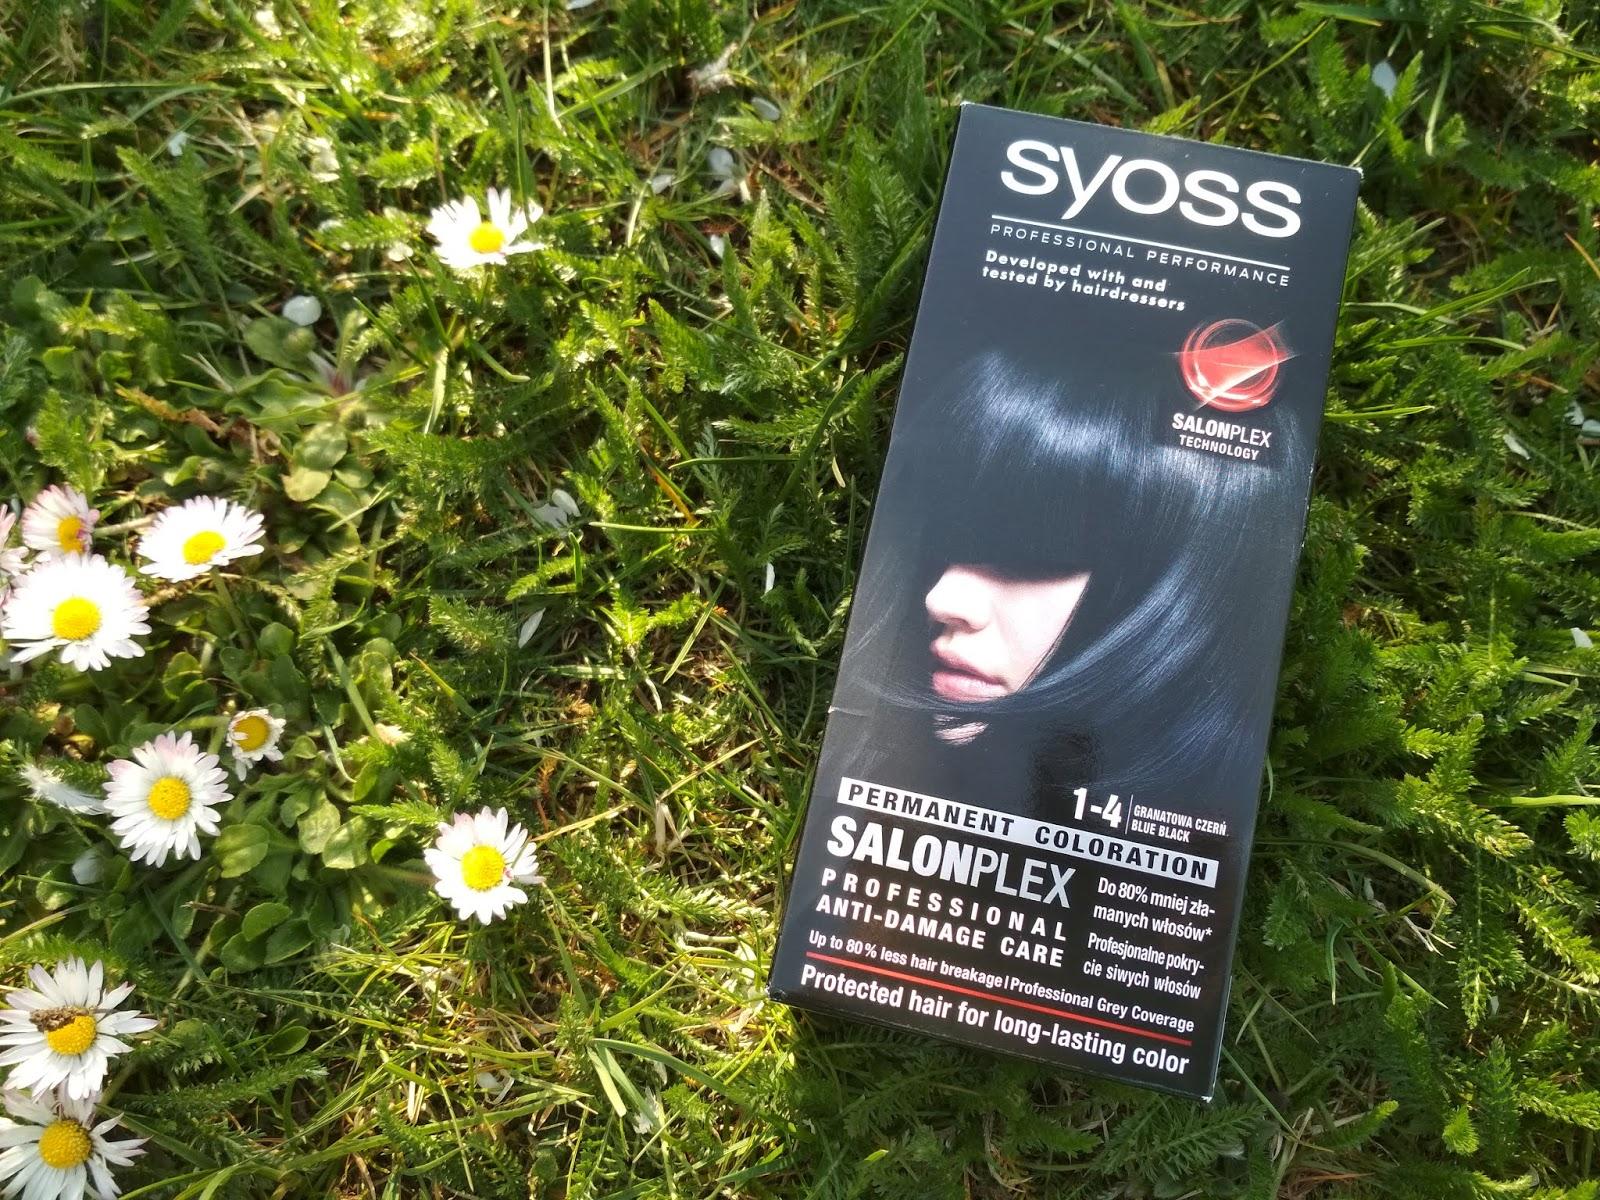 Kosmetyczne nowości kwietnia 2019, co nowego, haul kosmetyczny, Farba SYOSS SalonPlex 1-4 Granatowa Czerń